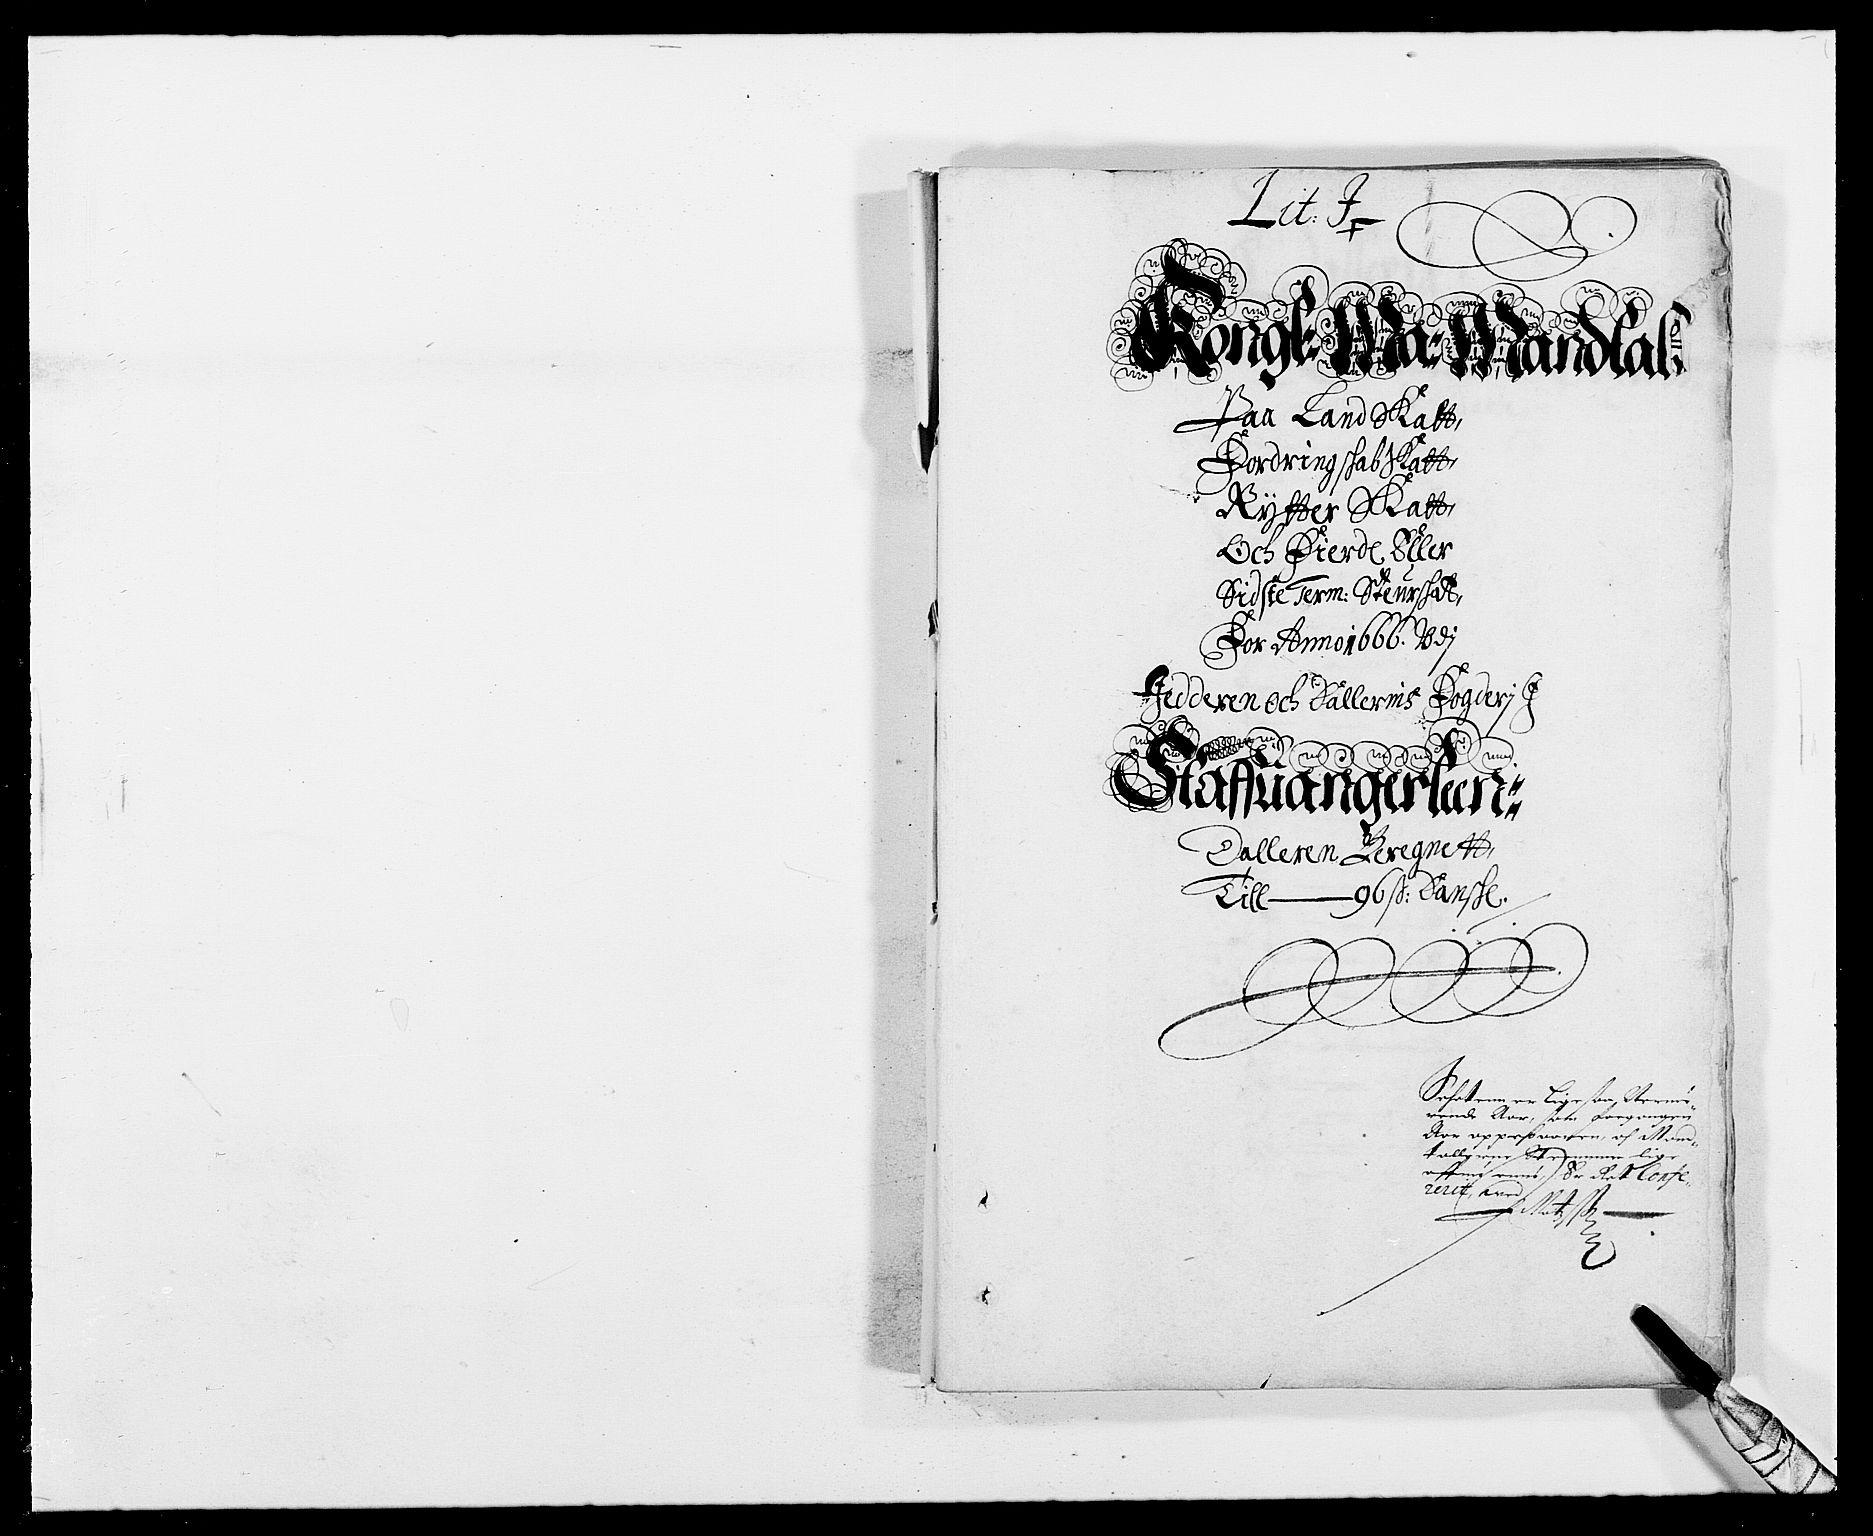 RA, Rentekammeret inntil 1814, Reviderte regnskaper, Fogderegnskap, R46/L2709: Fogderegnskap Jæren og Dalane, 1665-1667, s. 248